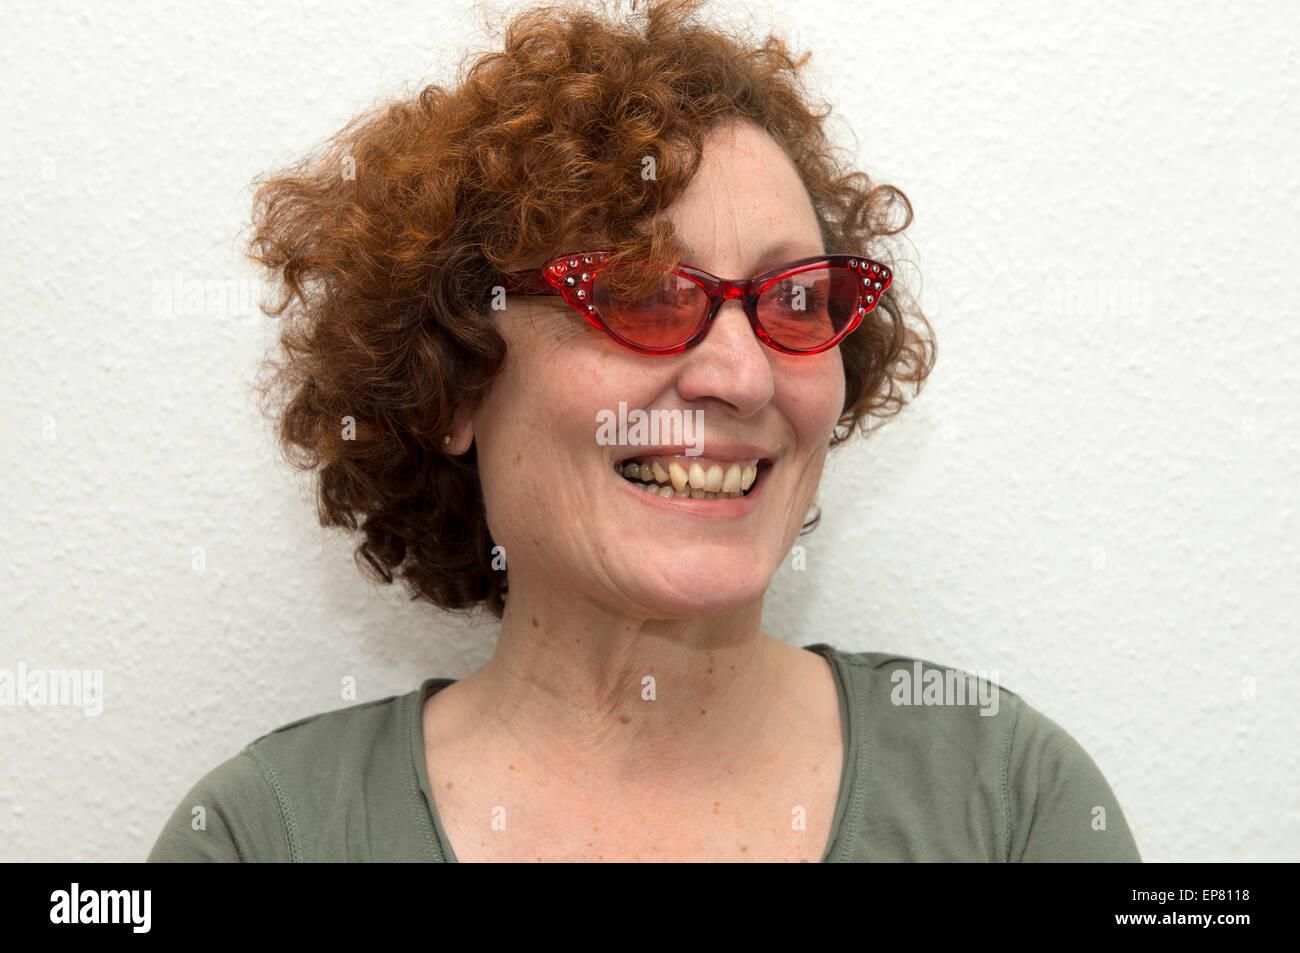 L allemand femme portant des lunettes de soleil de couleur rouge Photo Stock 9ad2d8c34ab3